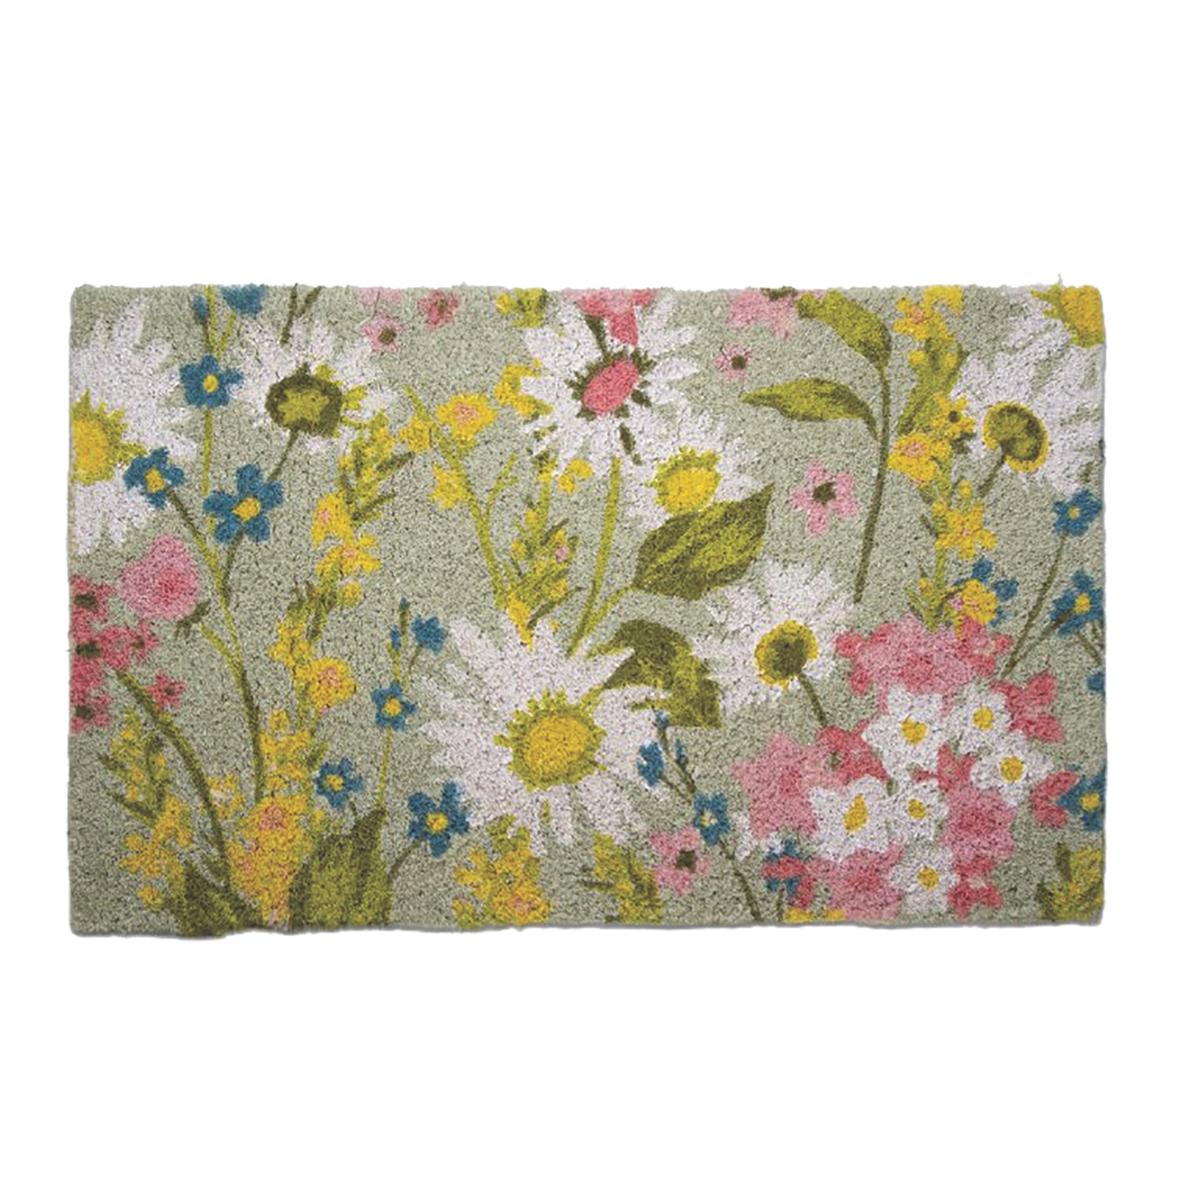 Daisy Floral Mat